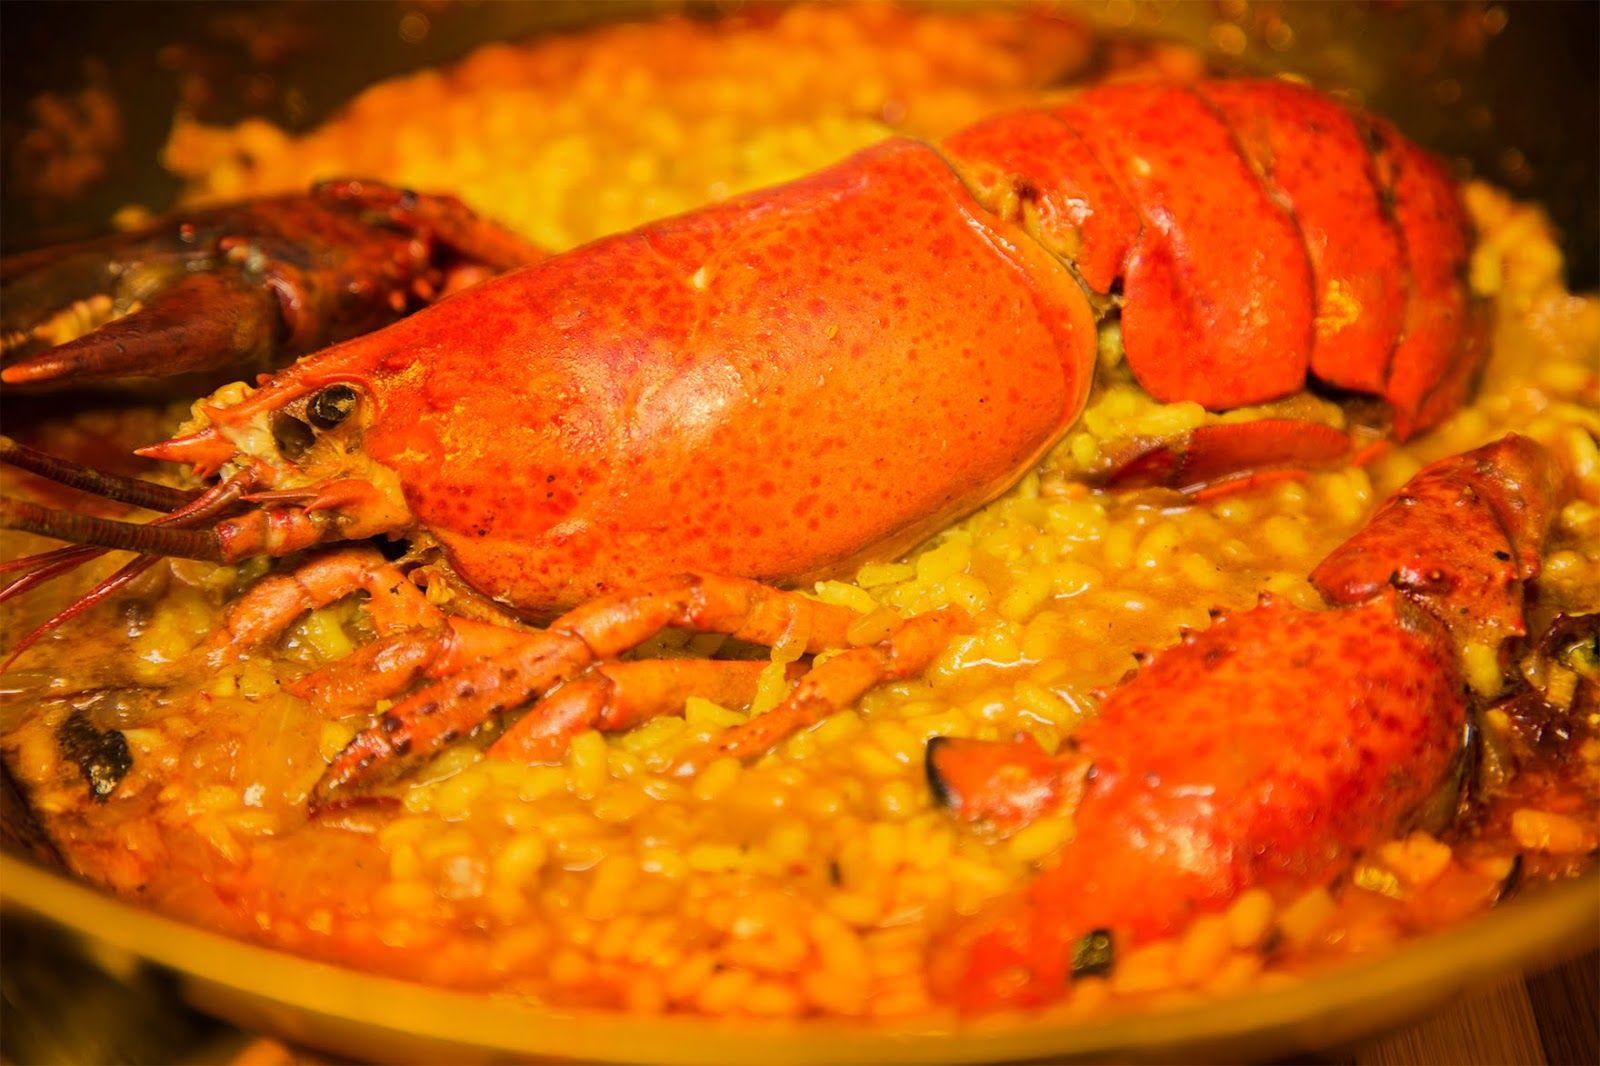 Blog Sobre Galicia Recetas Fotos E Historia De Nuestra Tierra Arroz Meloso Arroz Recetas De Cocina